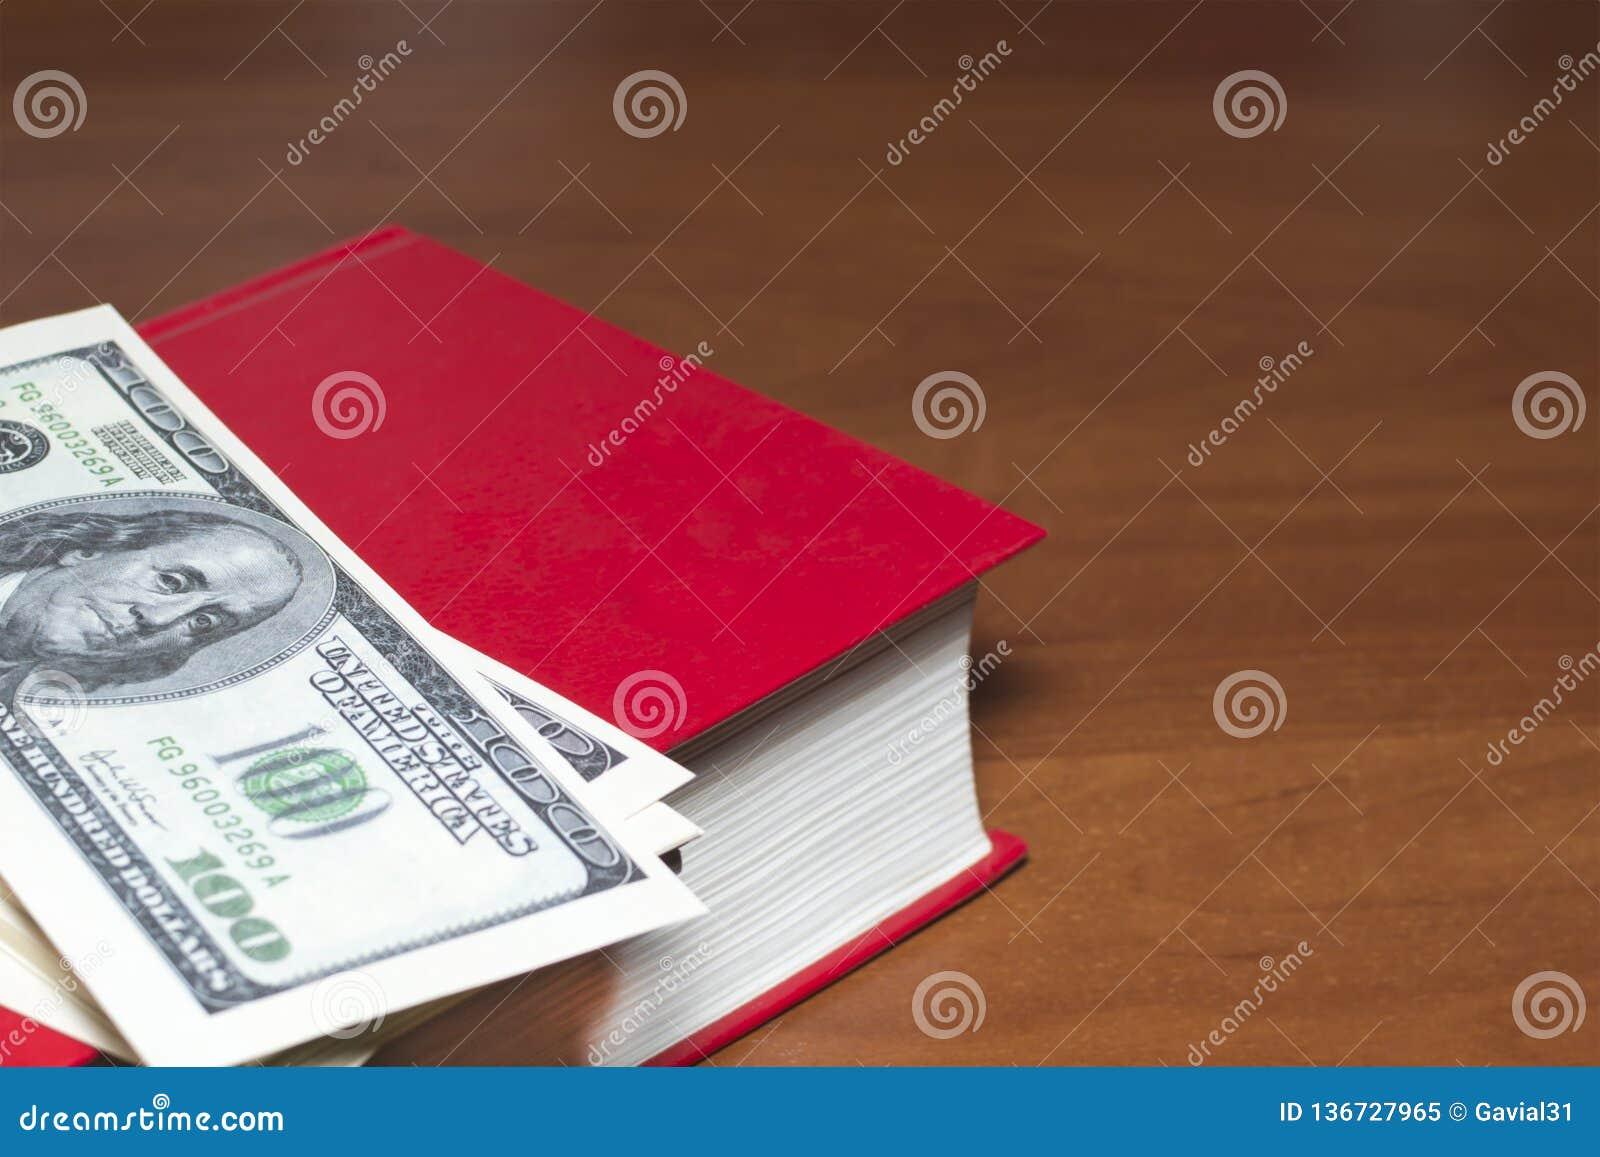 Πολλά δολάρια σε ένα κόκκινο βιβλίο Πρότυπο διάστημα αντιγράφων